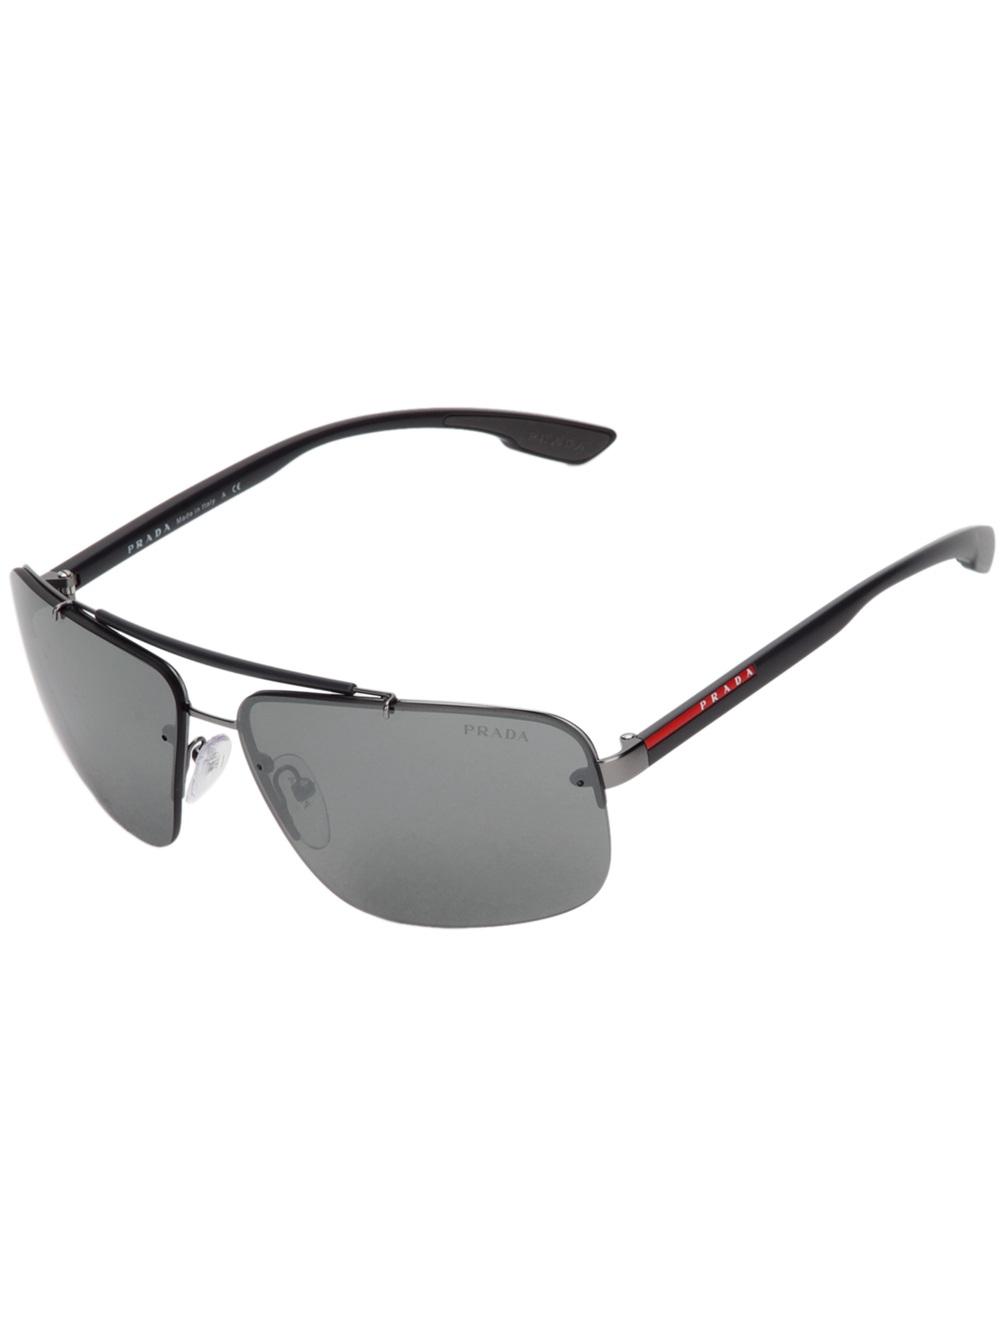 611d845d6007 Prada Square Frame Sunglasses in Gray for Men - Lyst